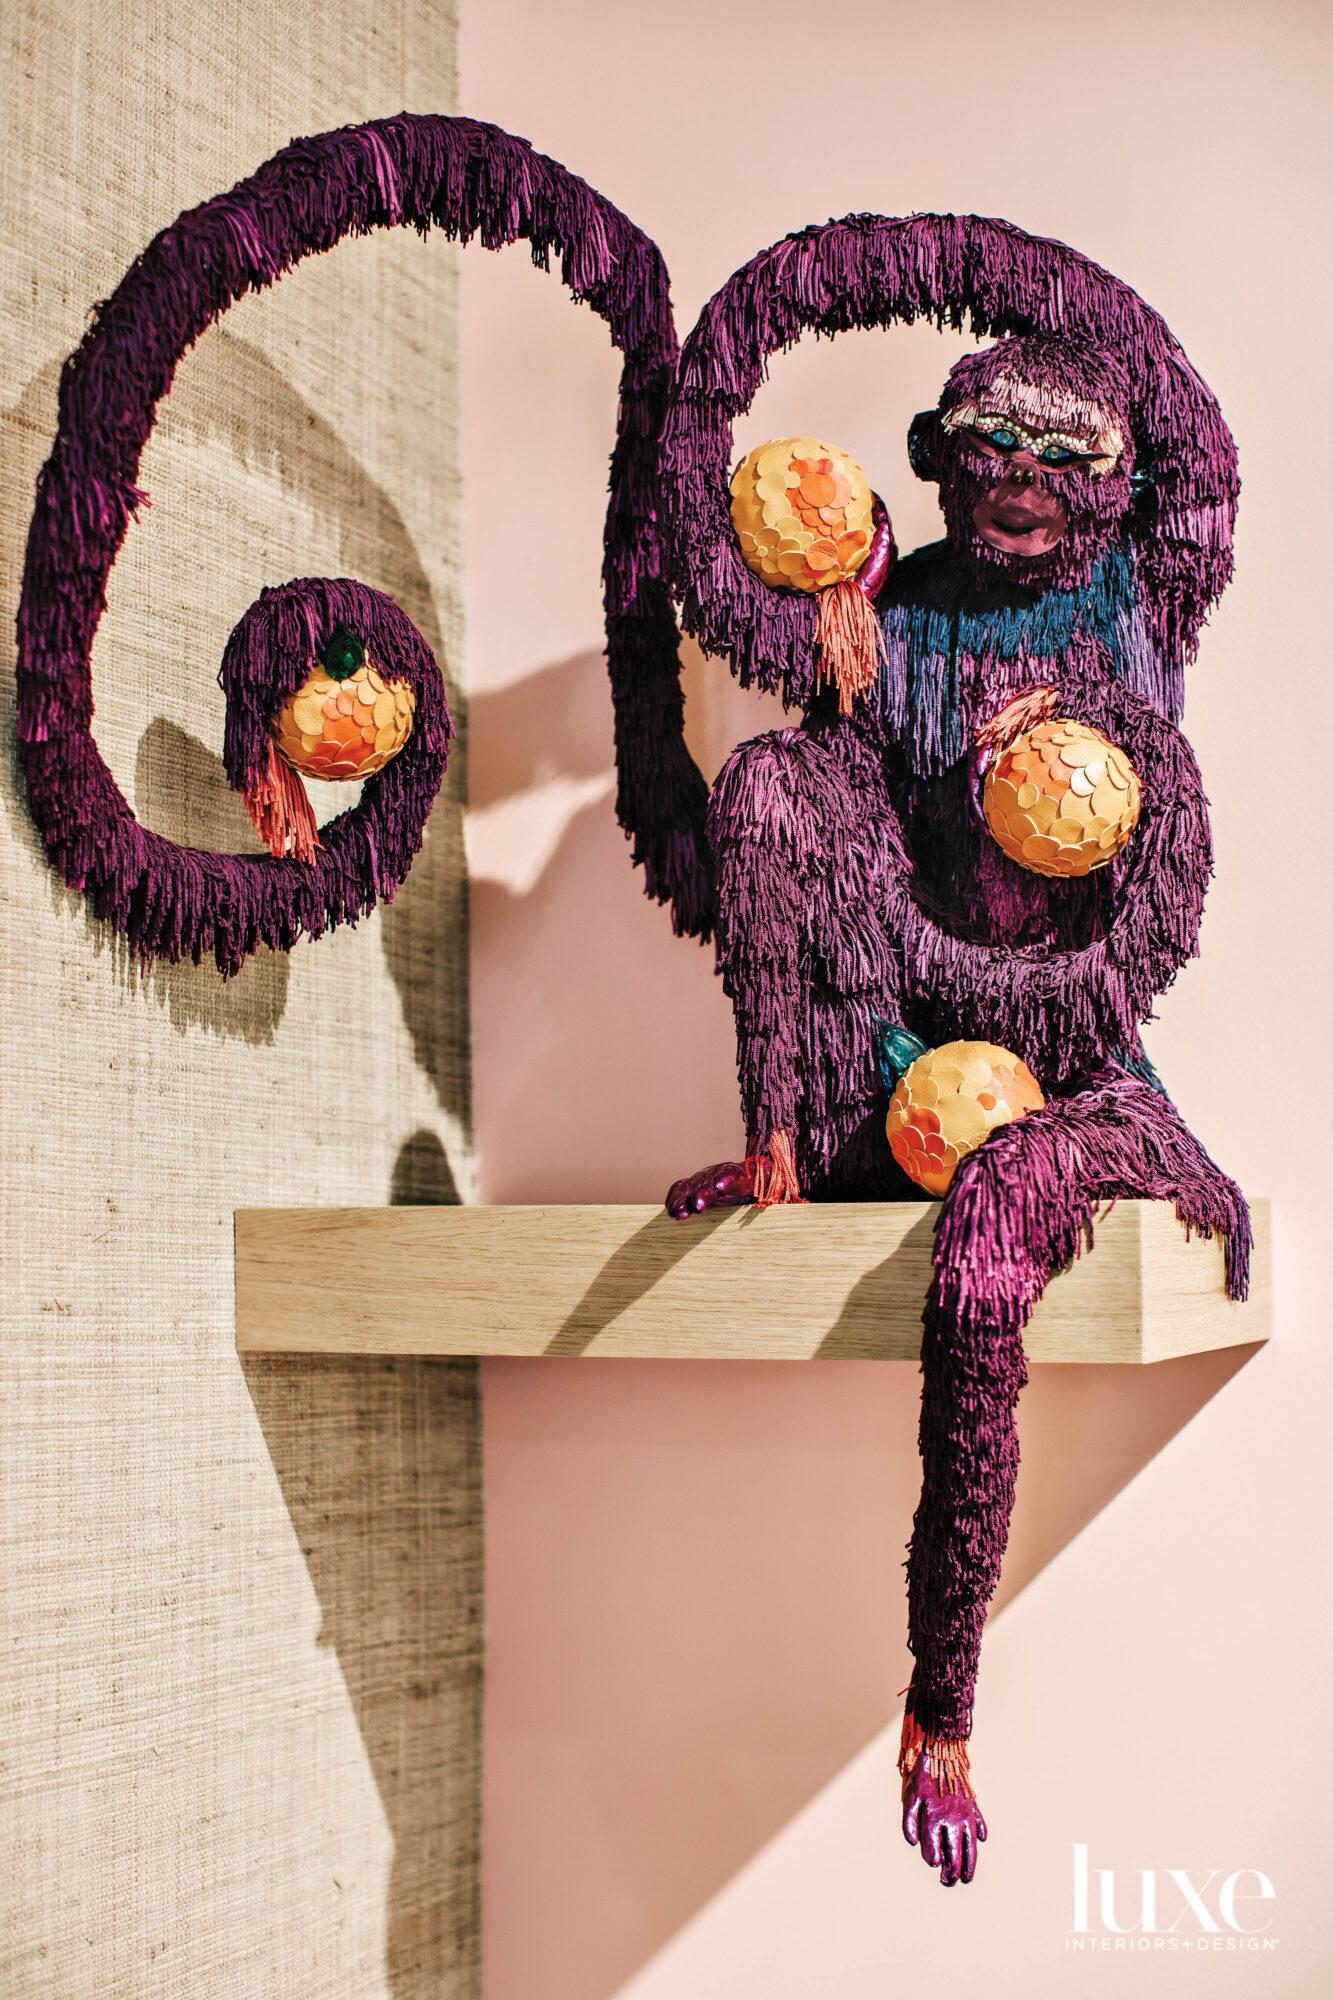 Purple monkey on a shelf